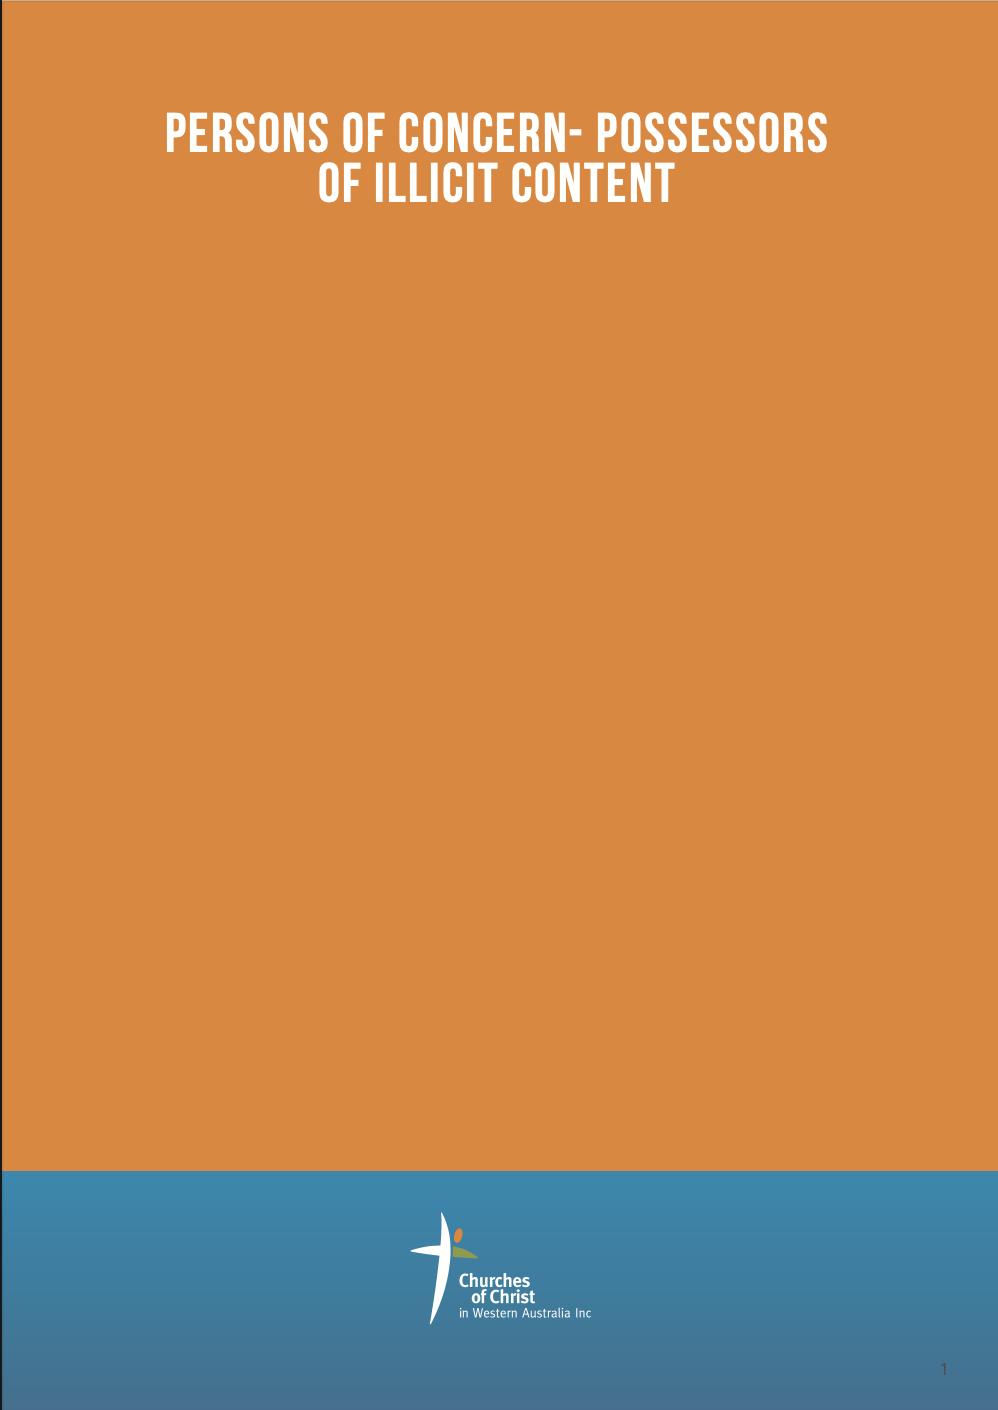 Screen-Shot-2021-07-20-at-5.03.23-pm